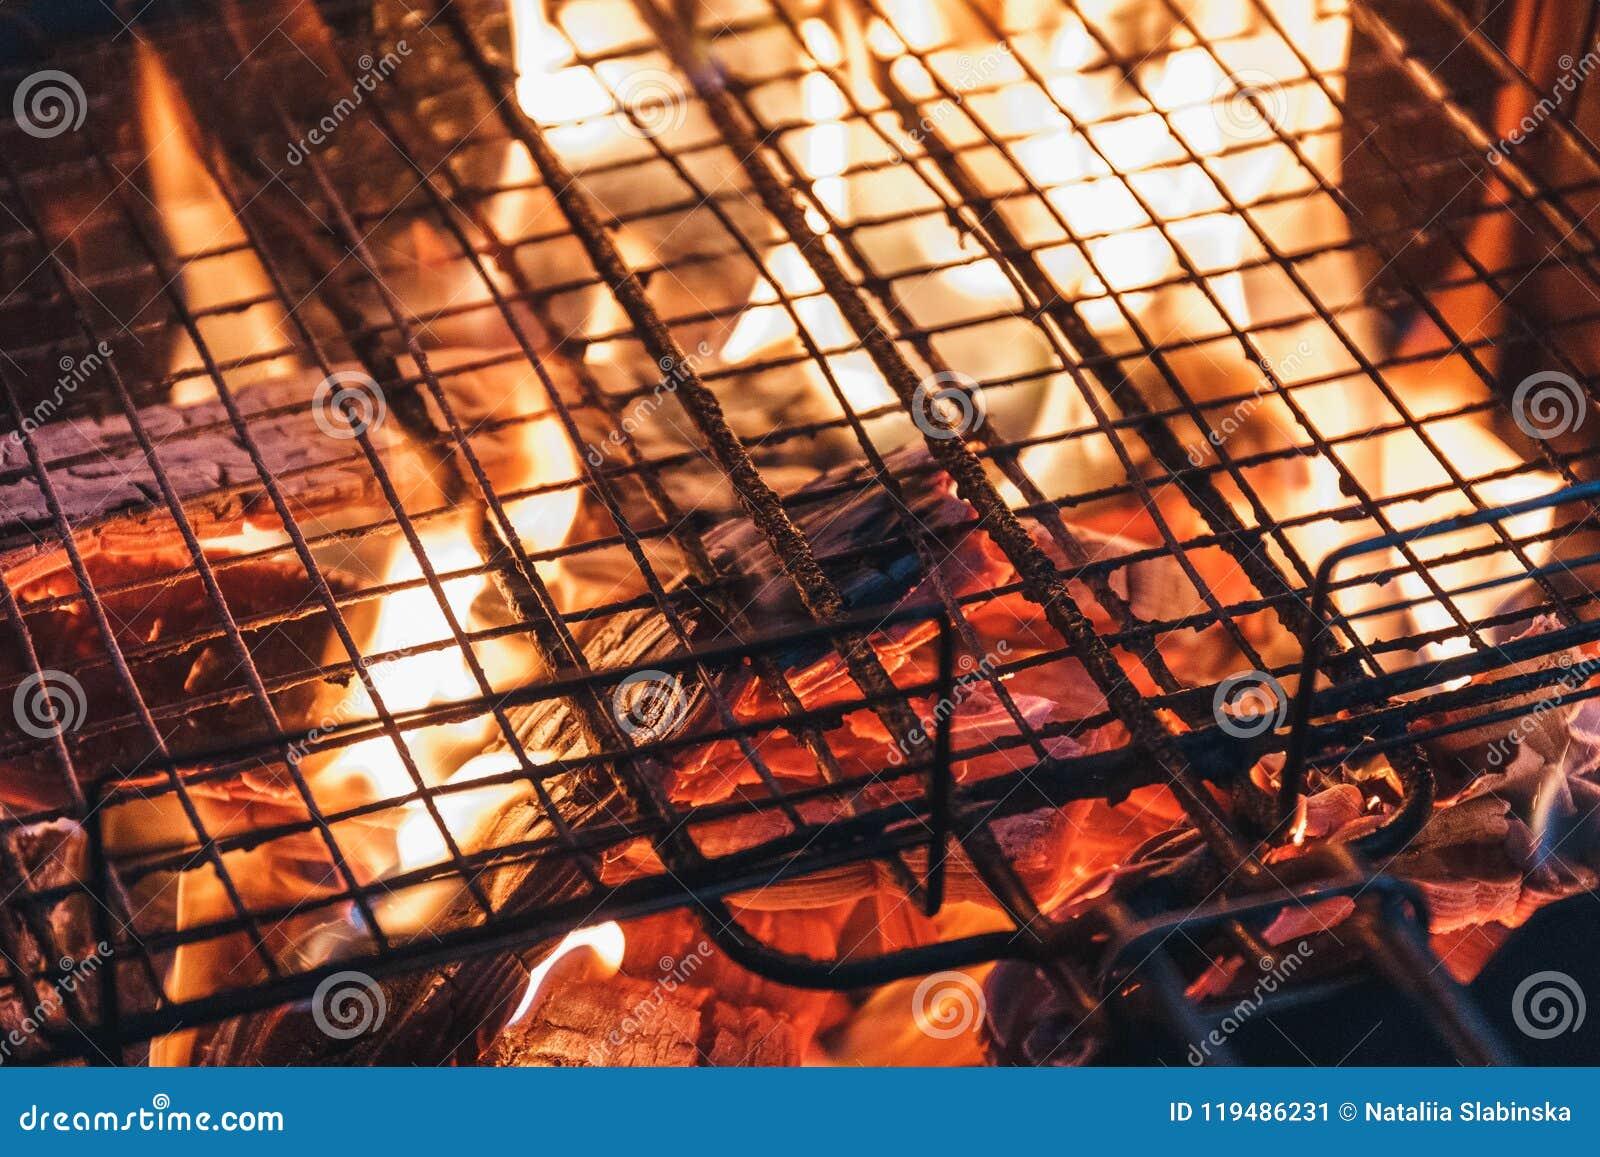 Metal la red sobre la madera ardiente de la ascua del carbón del fuego en parrilla de la barbacoa en